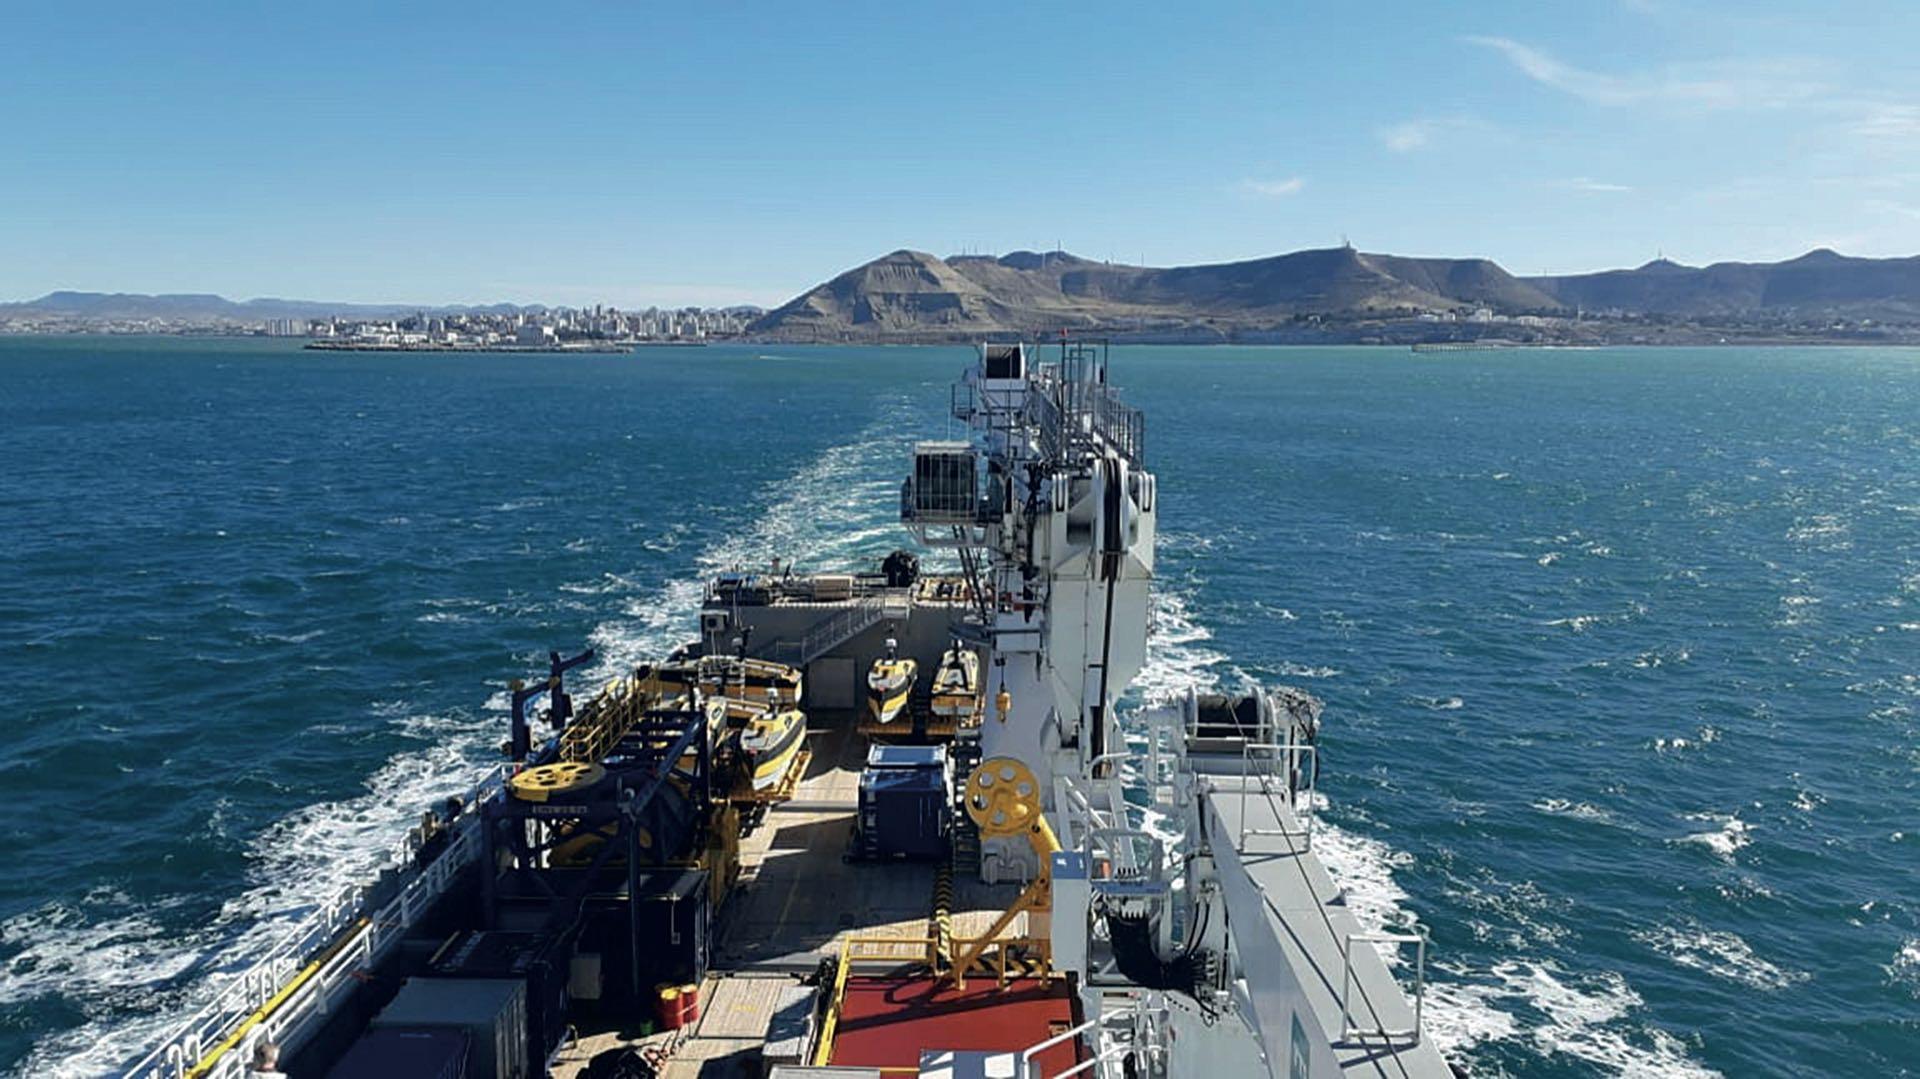 Durante la navegación trabajarán más de 40 tripulantes, marinos y técnicos, que se turnarán para garantizar la eficiencia operativa.